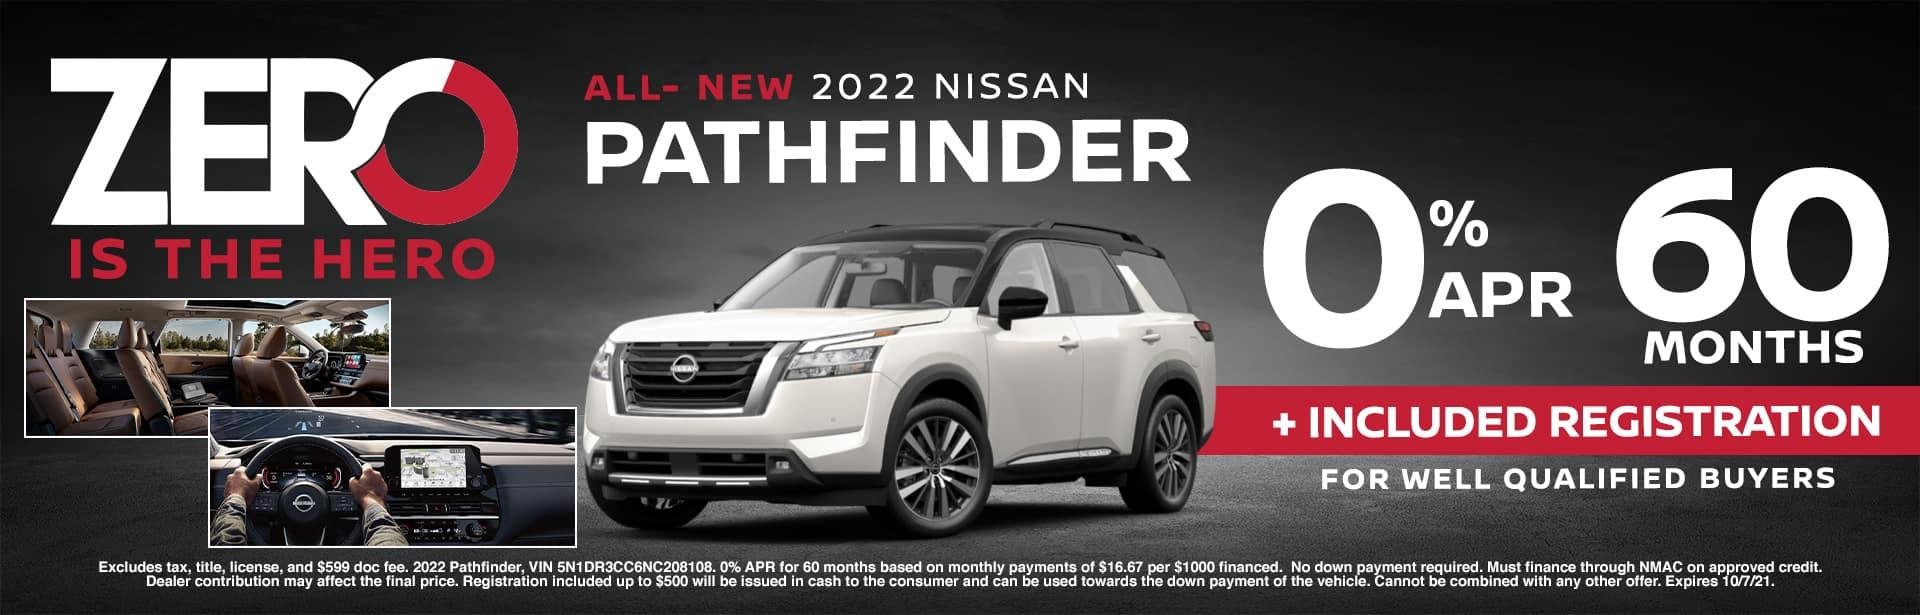 PN-Sept2021-Pathfinder